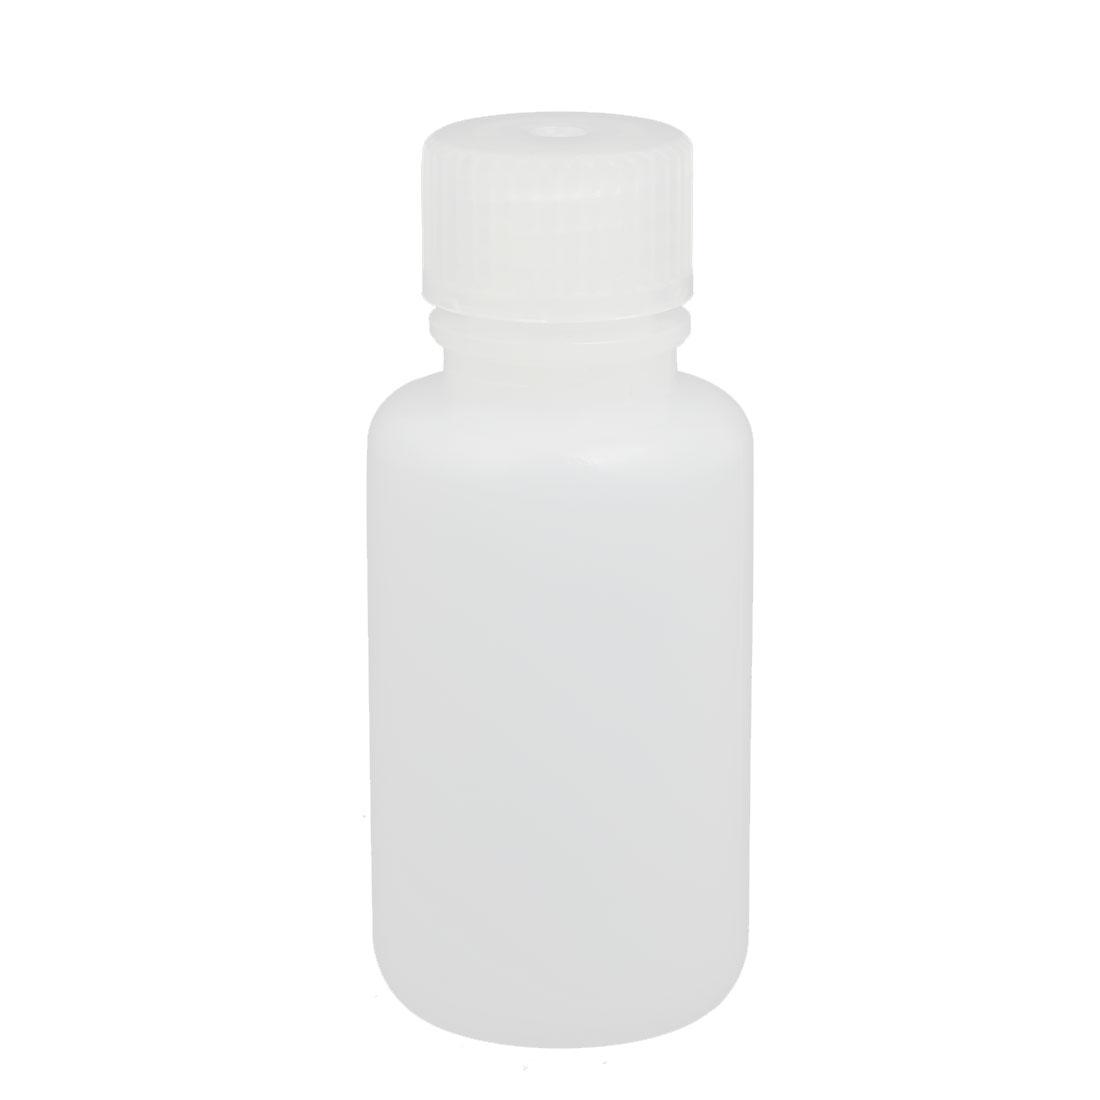 50ml Plastic Round Lab Reagent Bottle Sample Thicken Bottle White